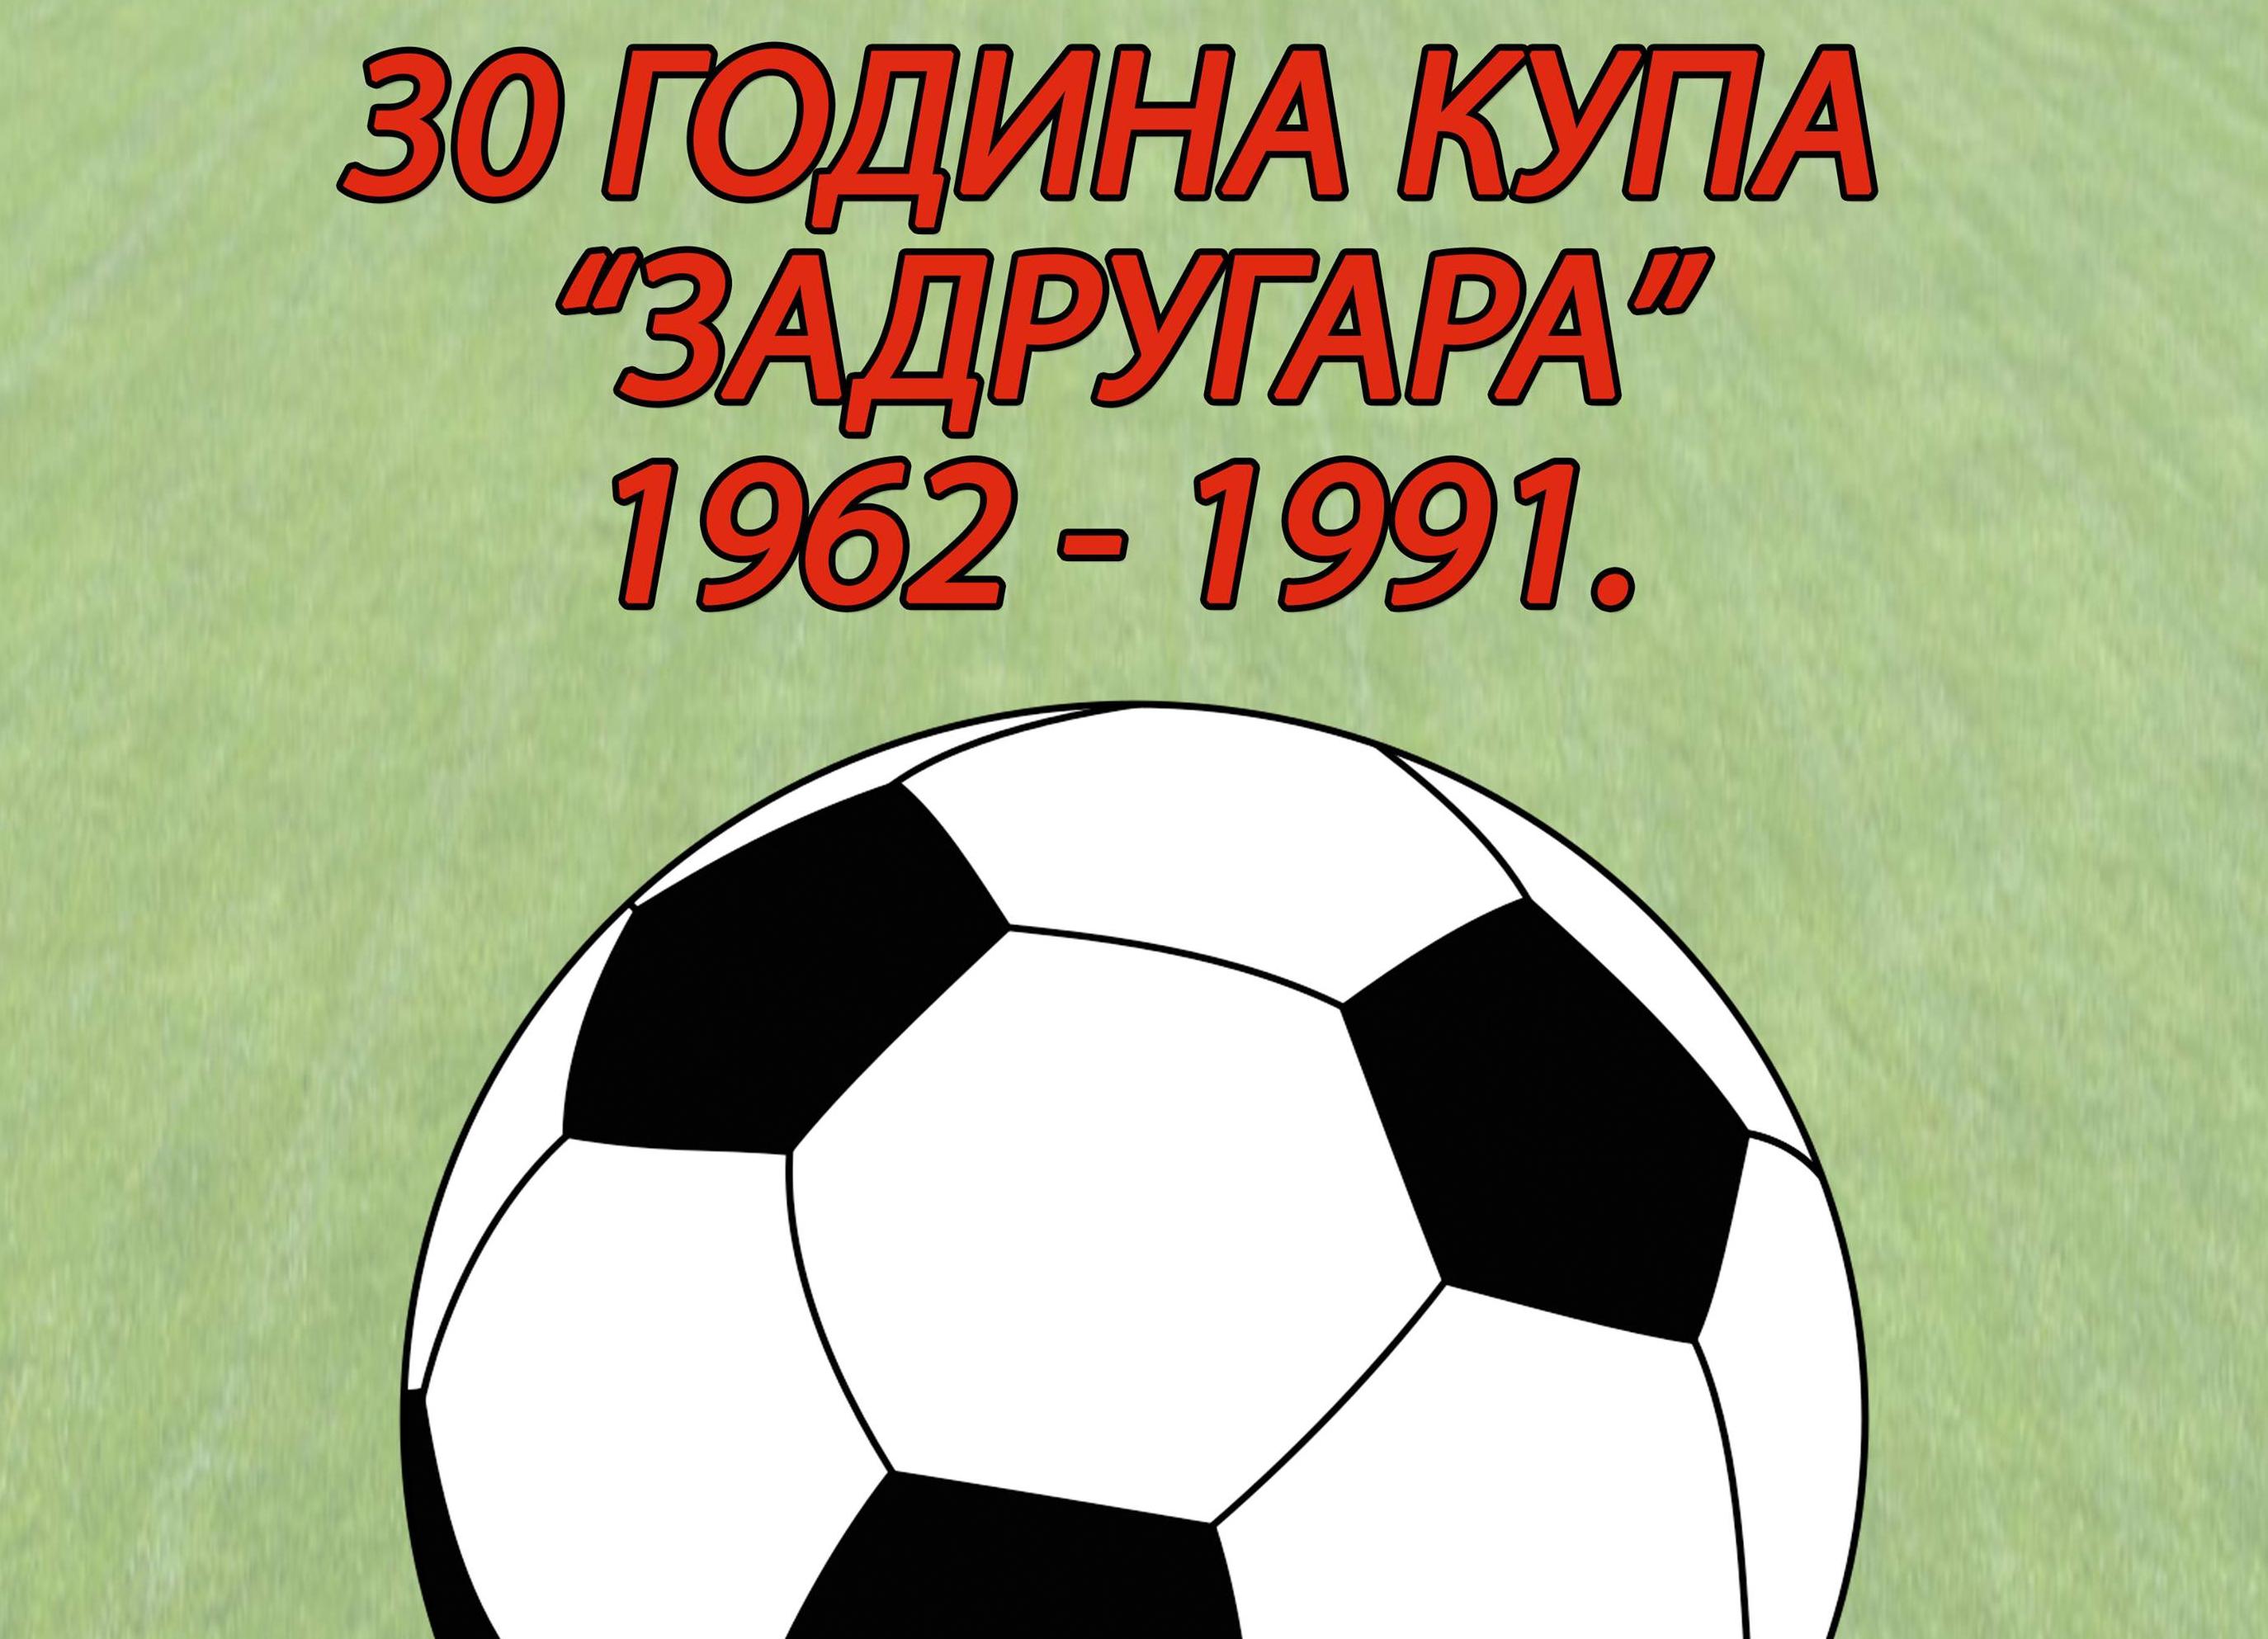 30 godina kupa Zadrugara